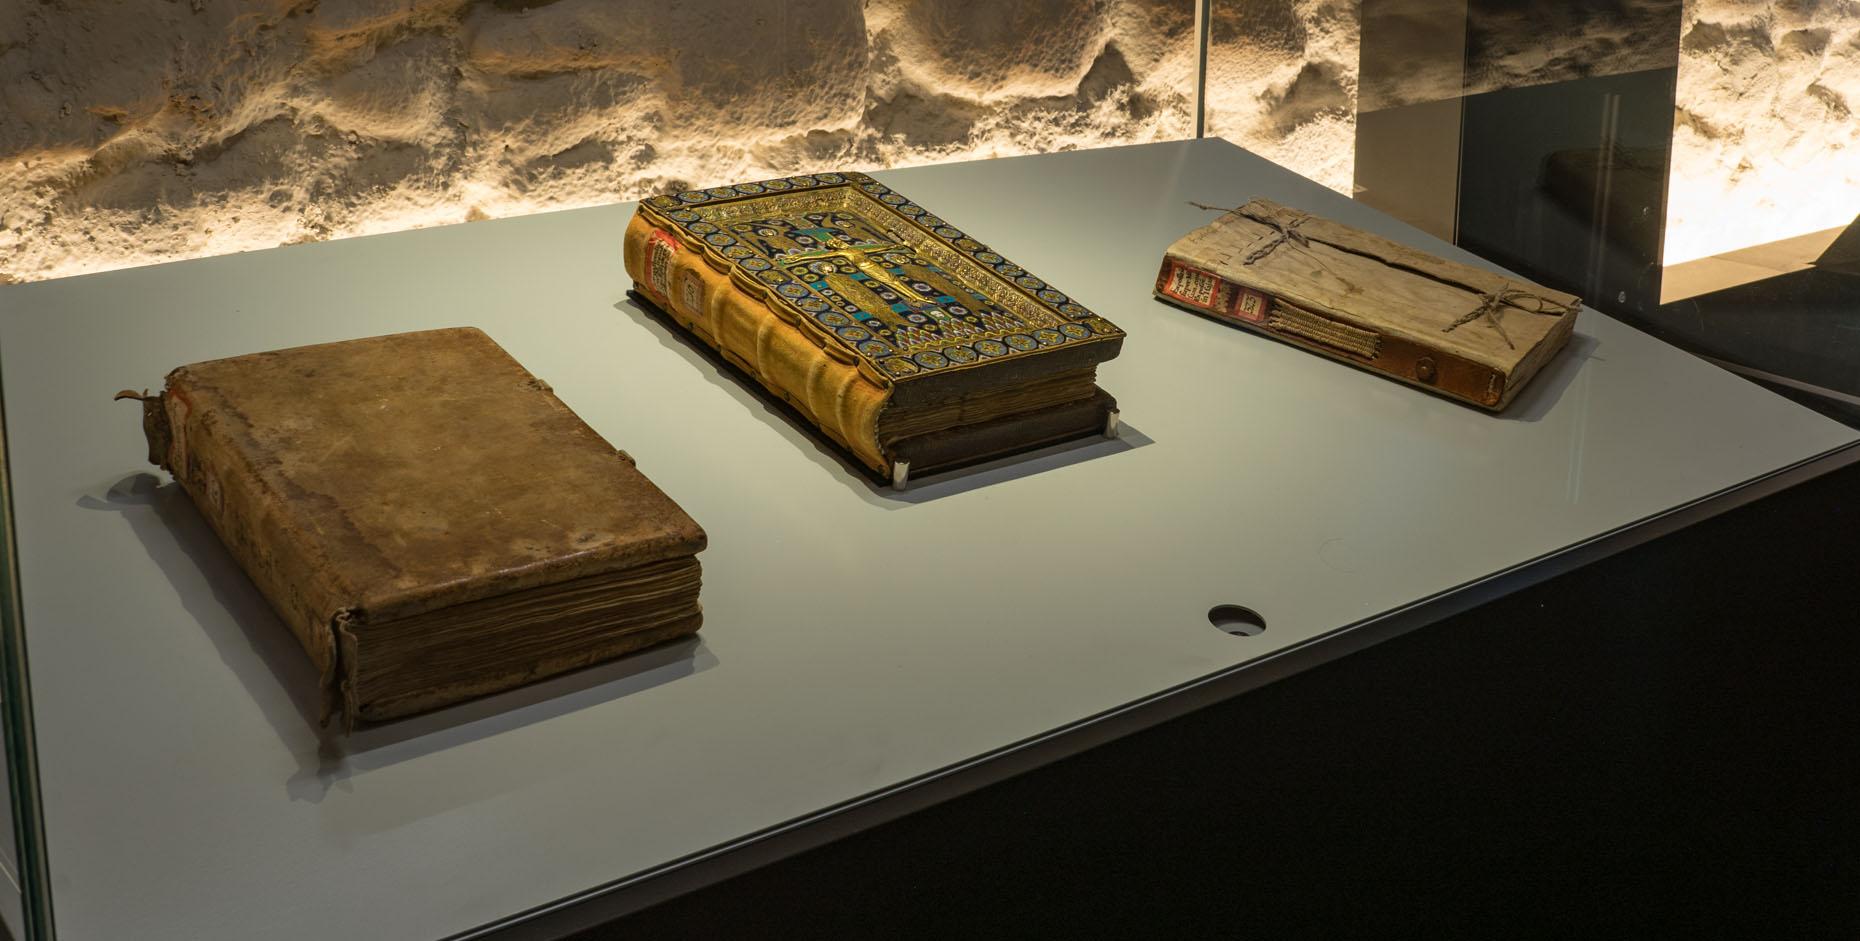 Auch im Gewölbekeller im Stiftsbezirk St.Gallen gibt es alte Bücher zu bewundern.